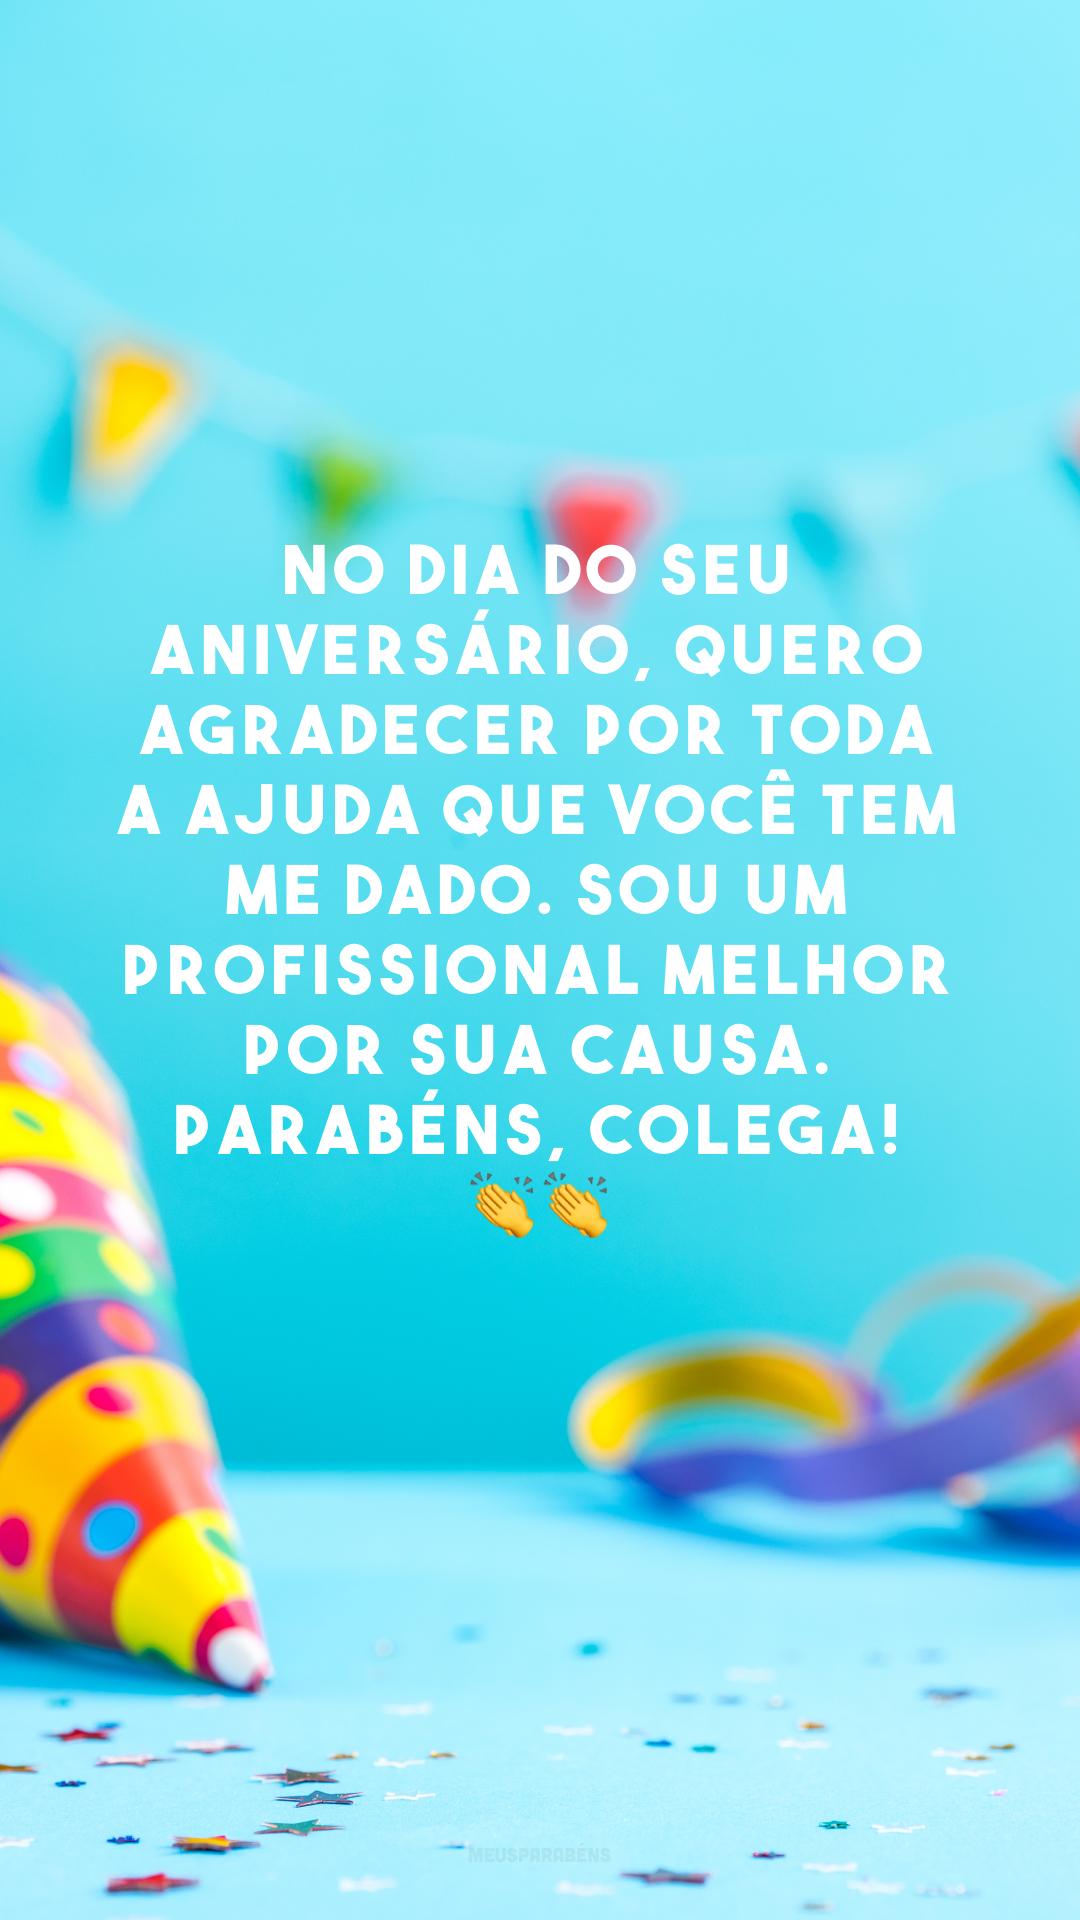 No dia do seu aniversário, quero agradecer por toda a ajuda que você tem me dado. Sou um profissional melhor por sua causa. Parabéns, colega! 👏👏